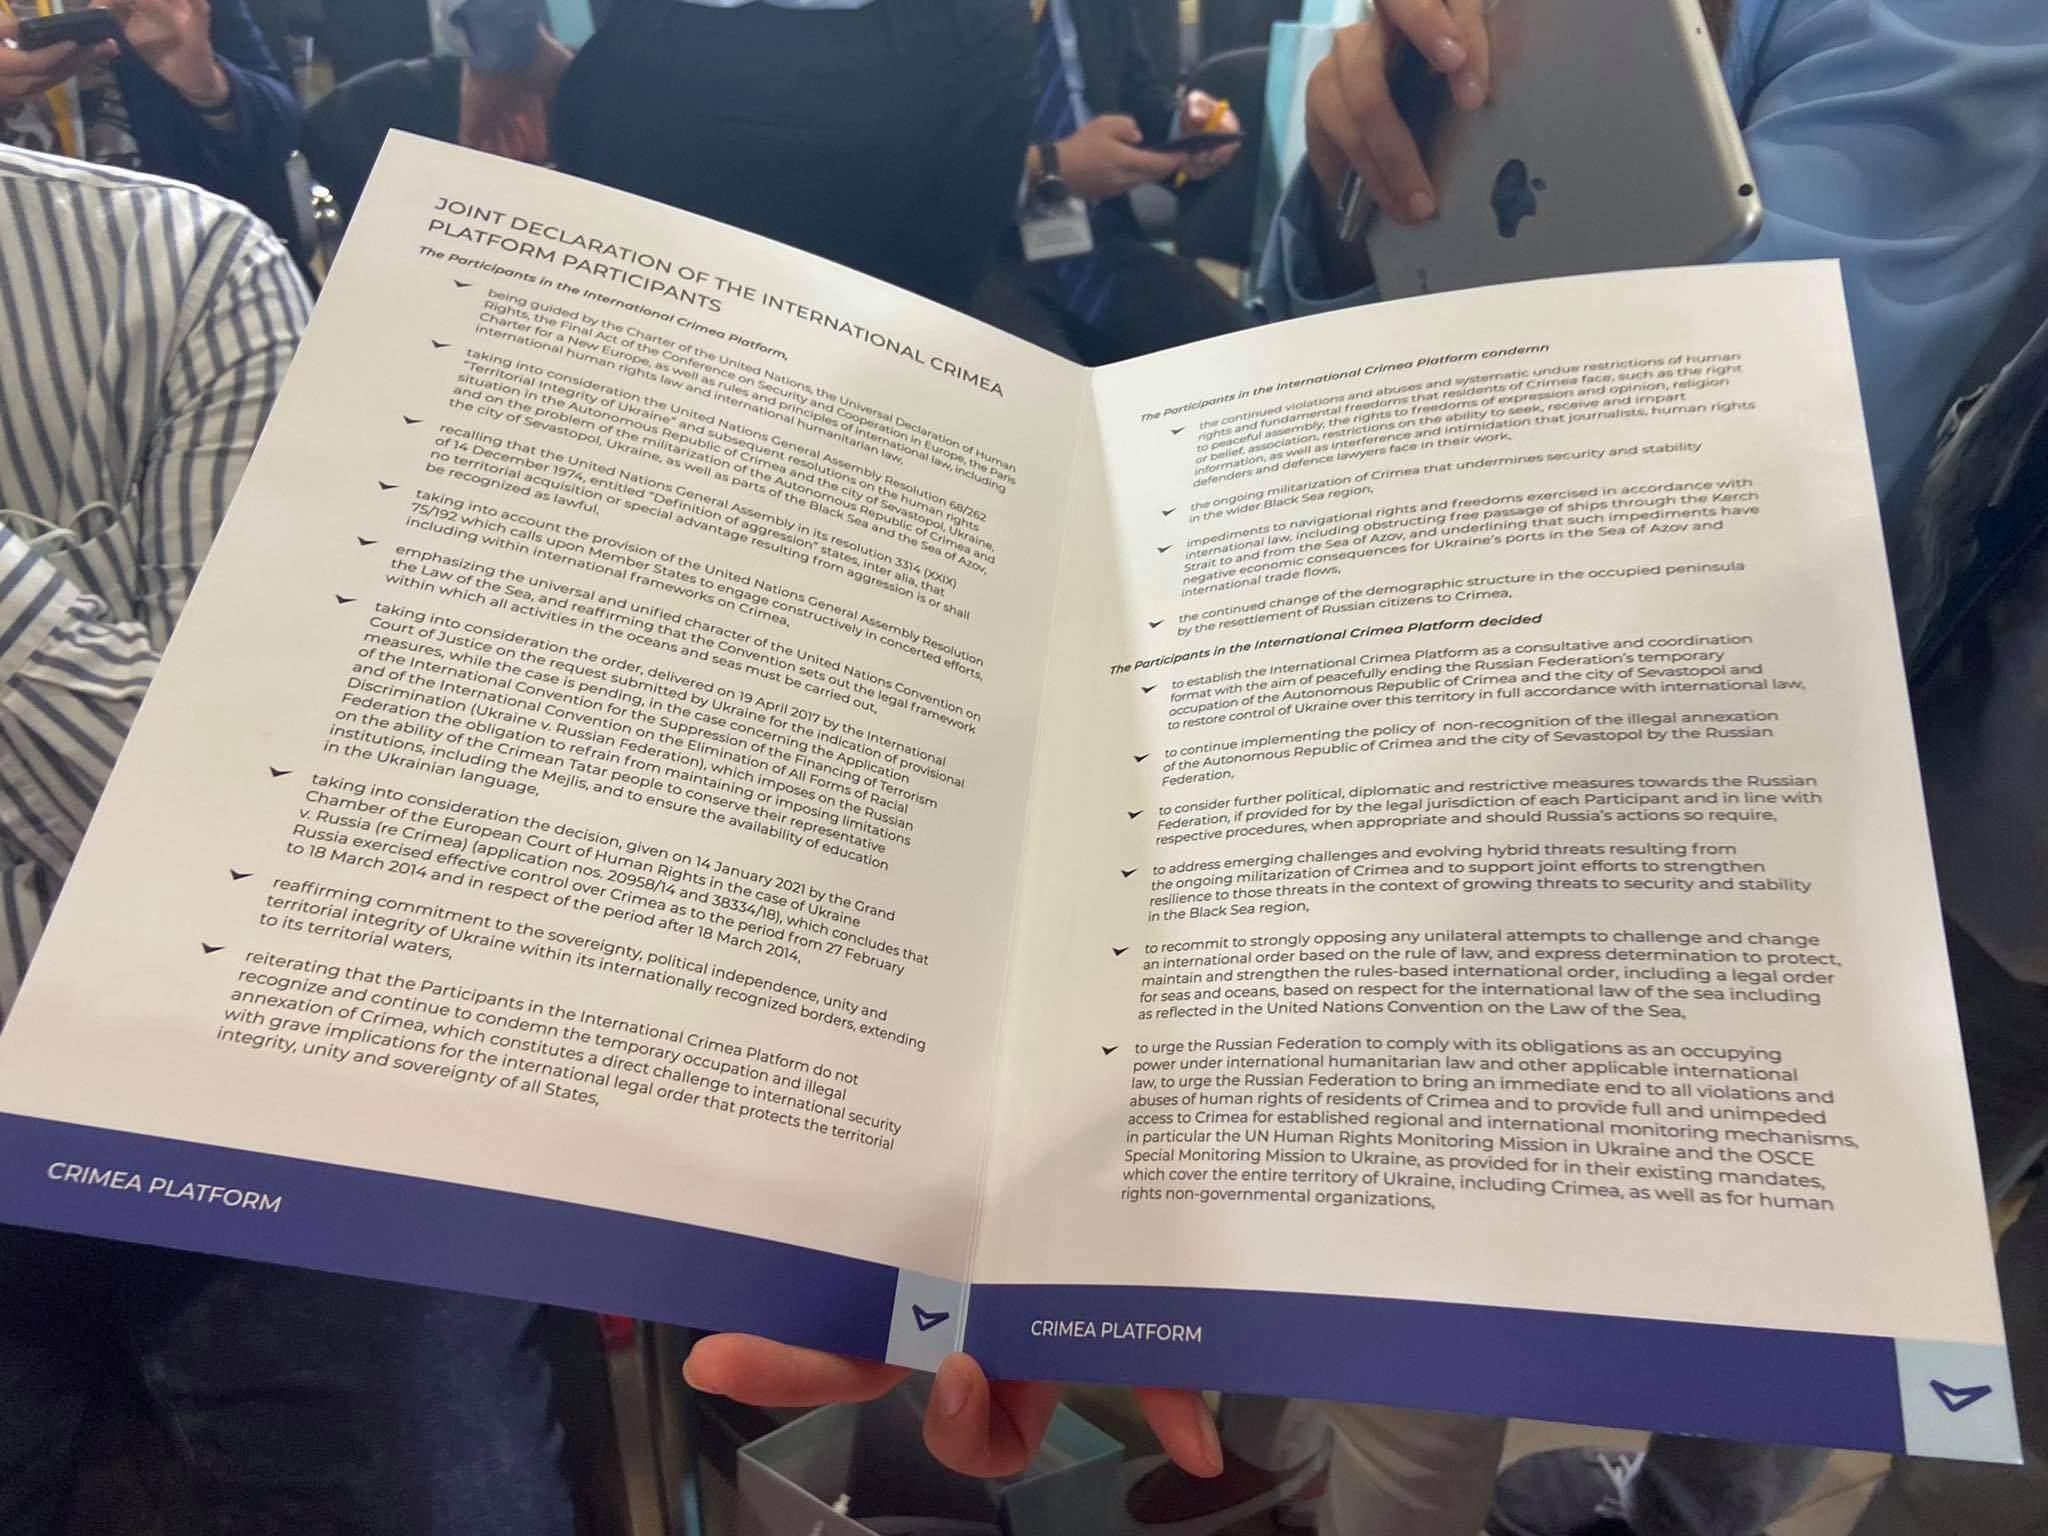 Декларація передбачає санкції проти Росії